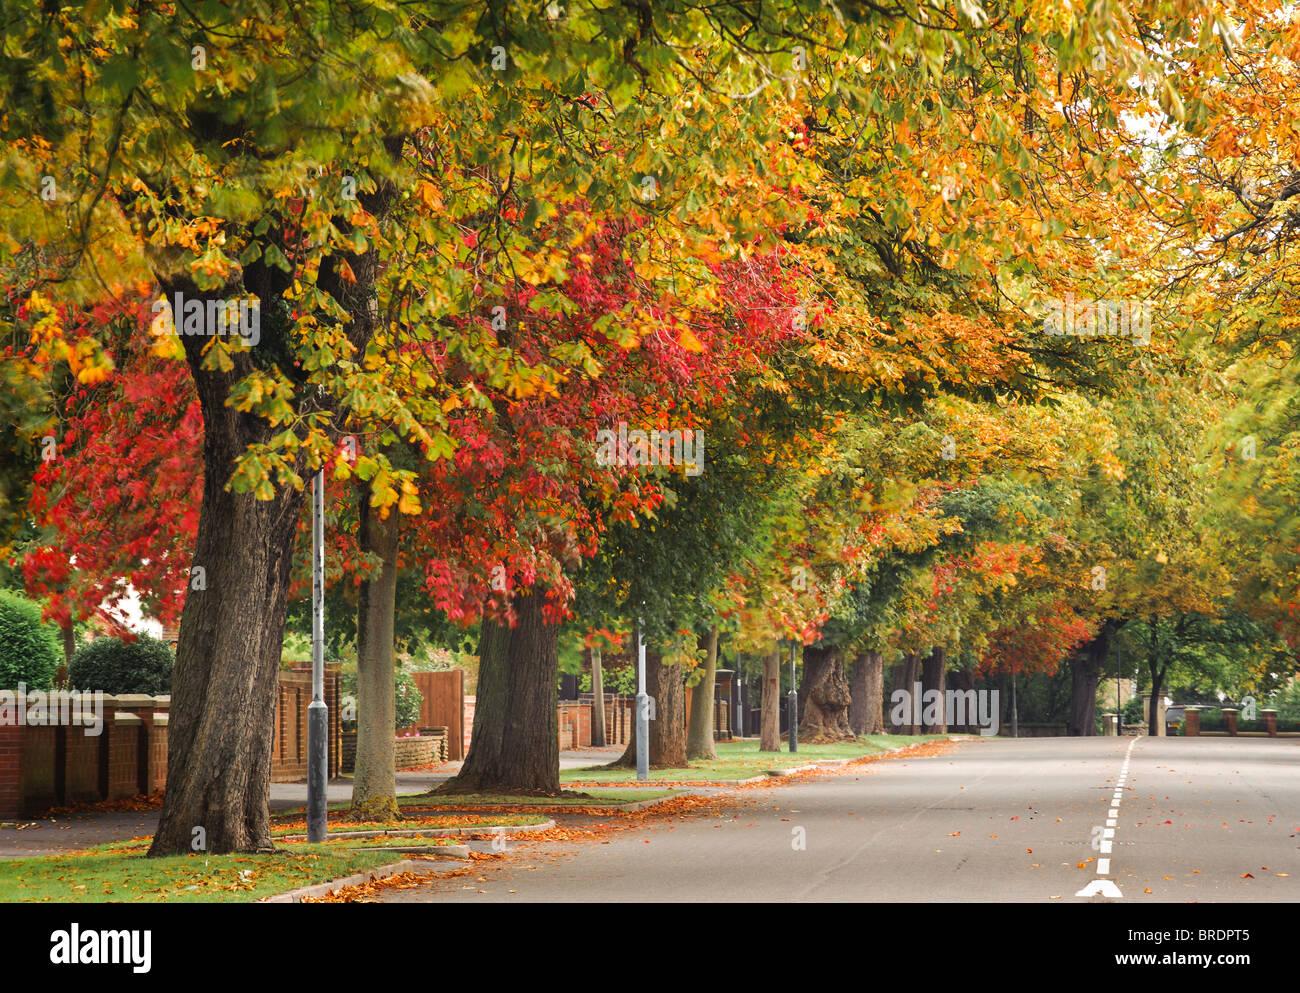 Avenida con árboles otoñales en Royal Leamington Spa, Royal Leamington Spa, Warwickshire, Inglaterra, Reino Unido. Foto de stock